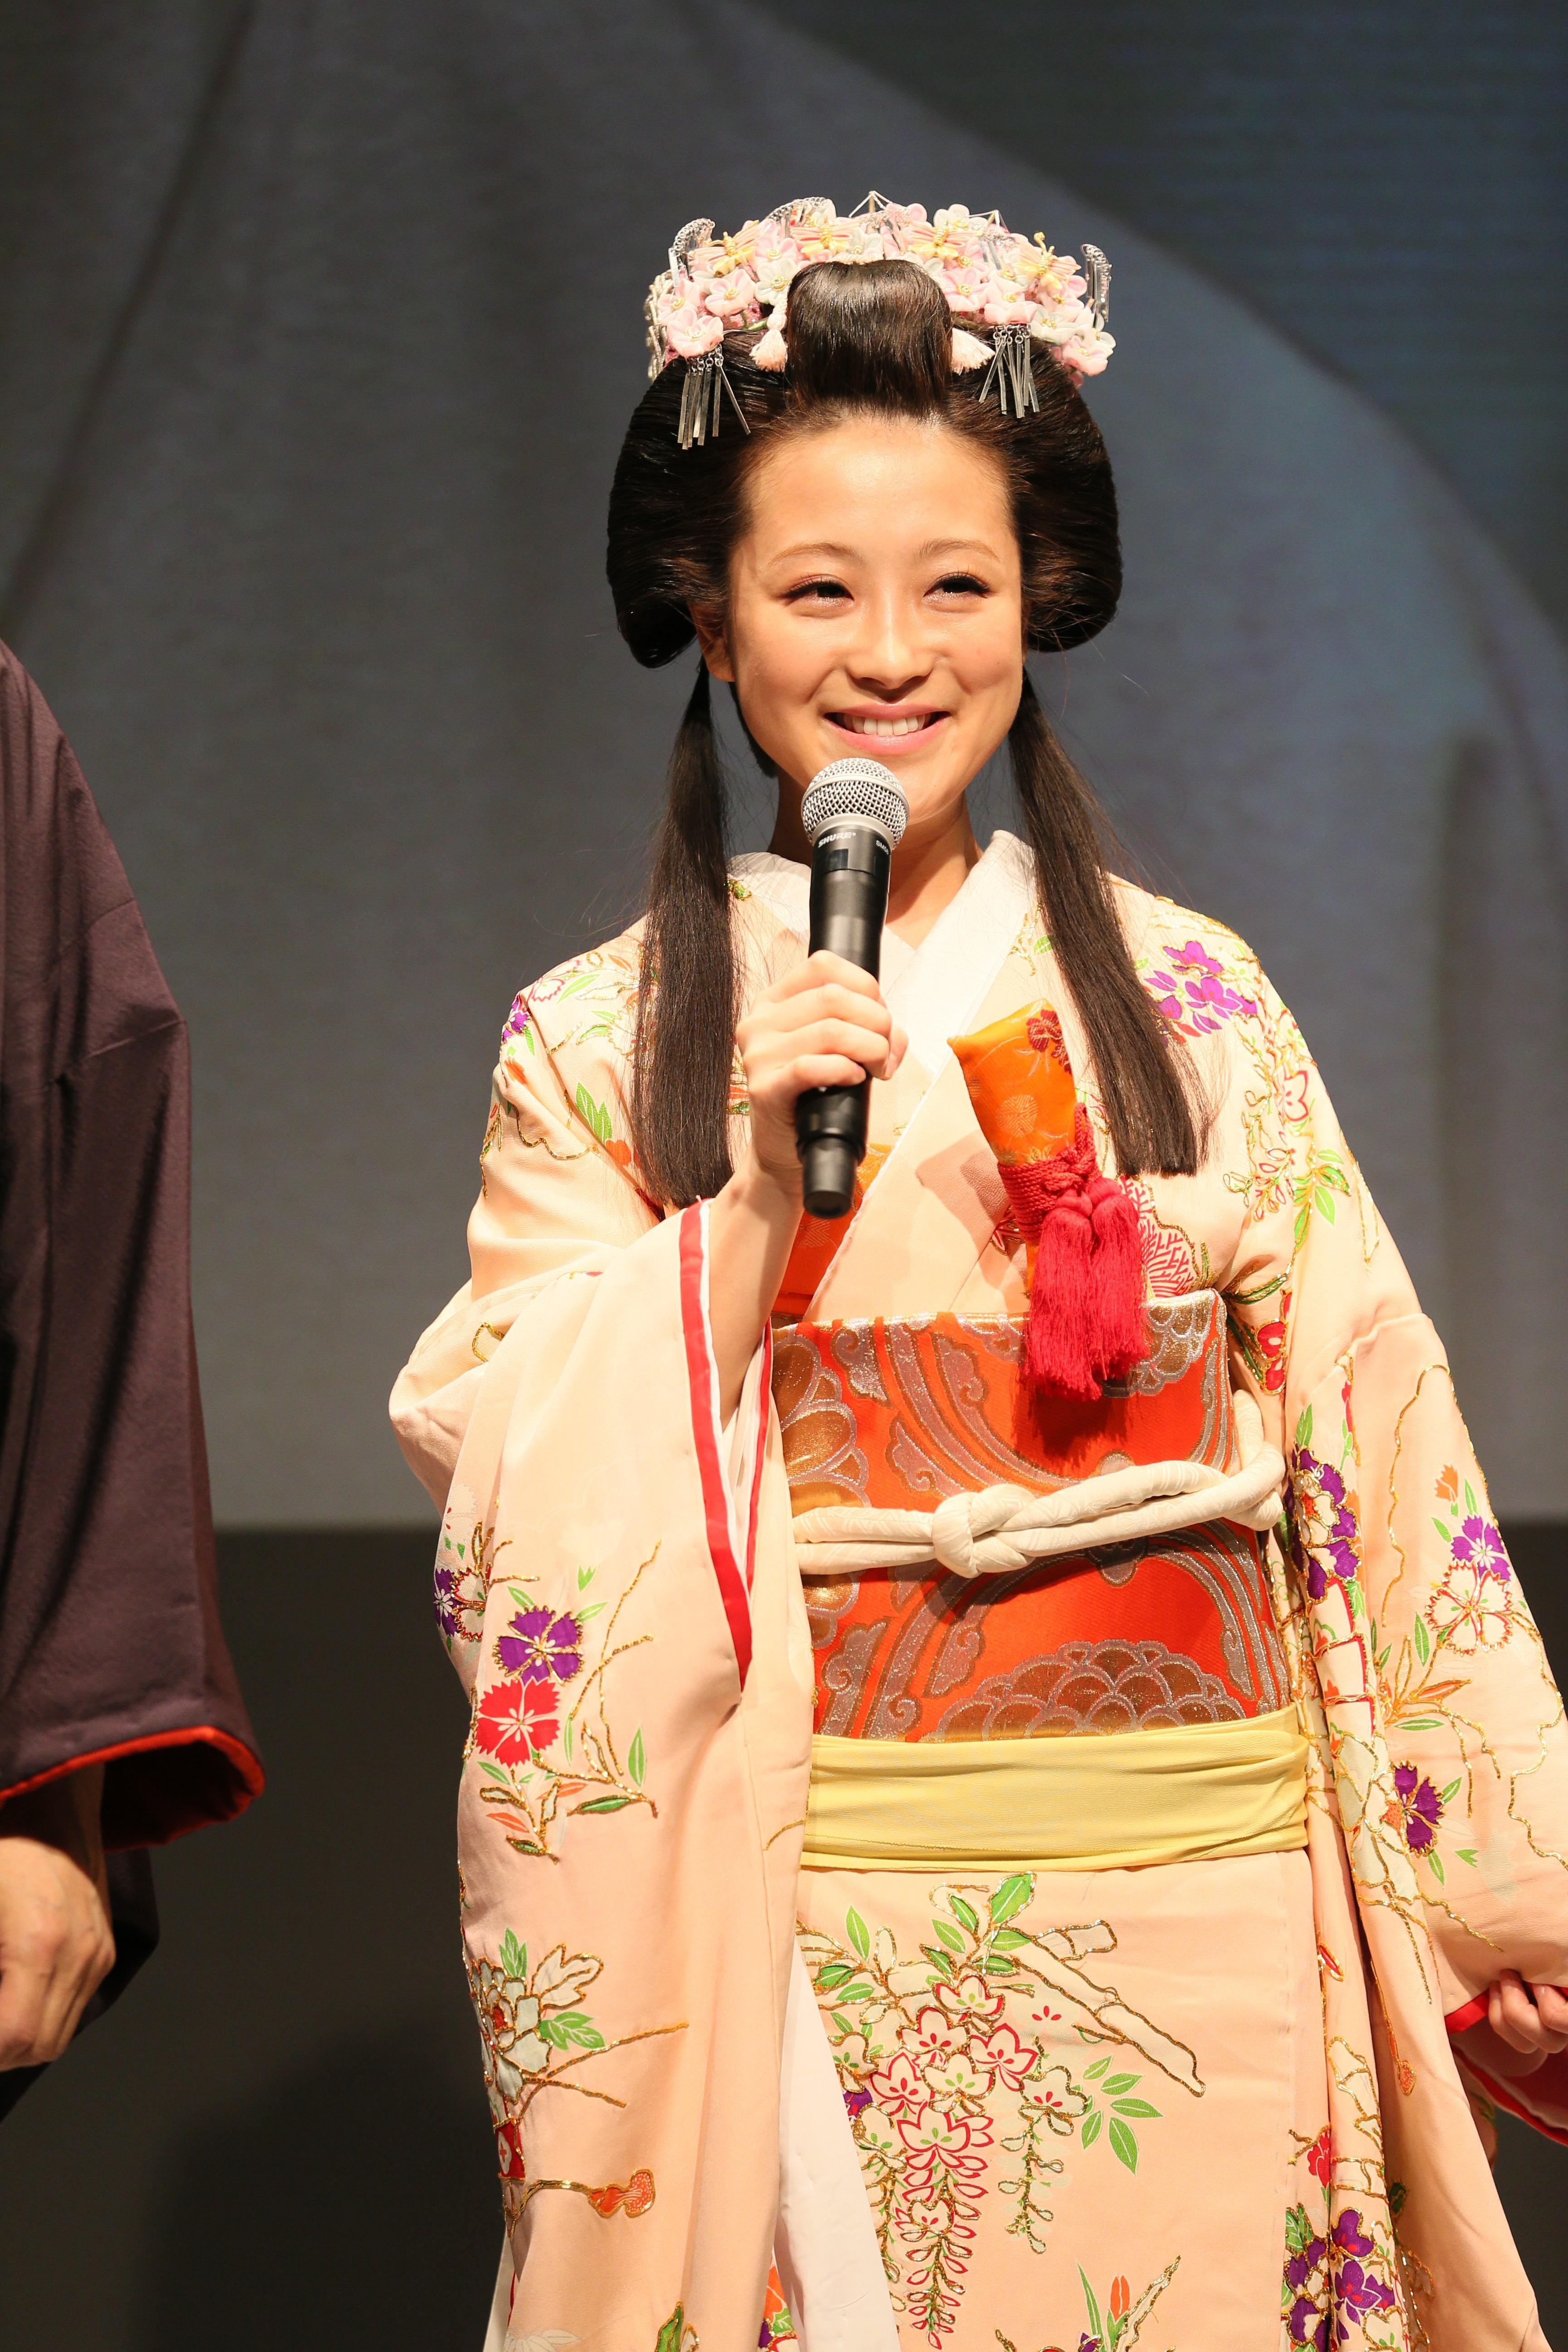 http://news.yoshimoto.co.jp/20170428173937-9cd9a6cf0b21b8f92b3199a6f88a38154d361232.jpg